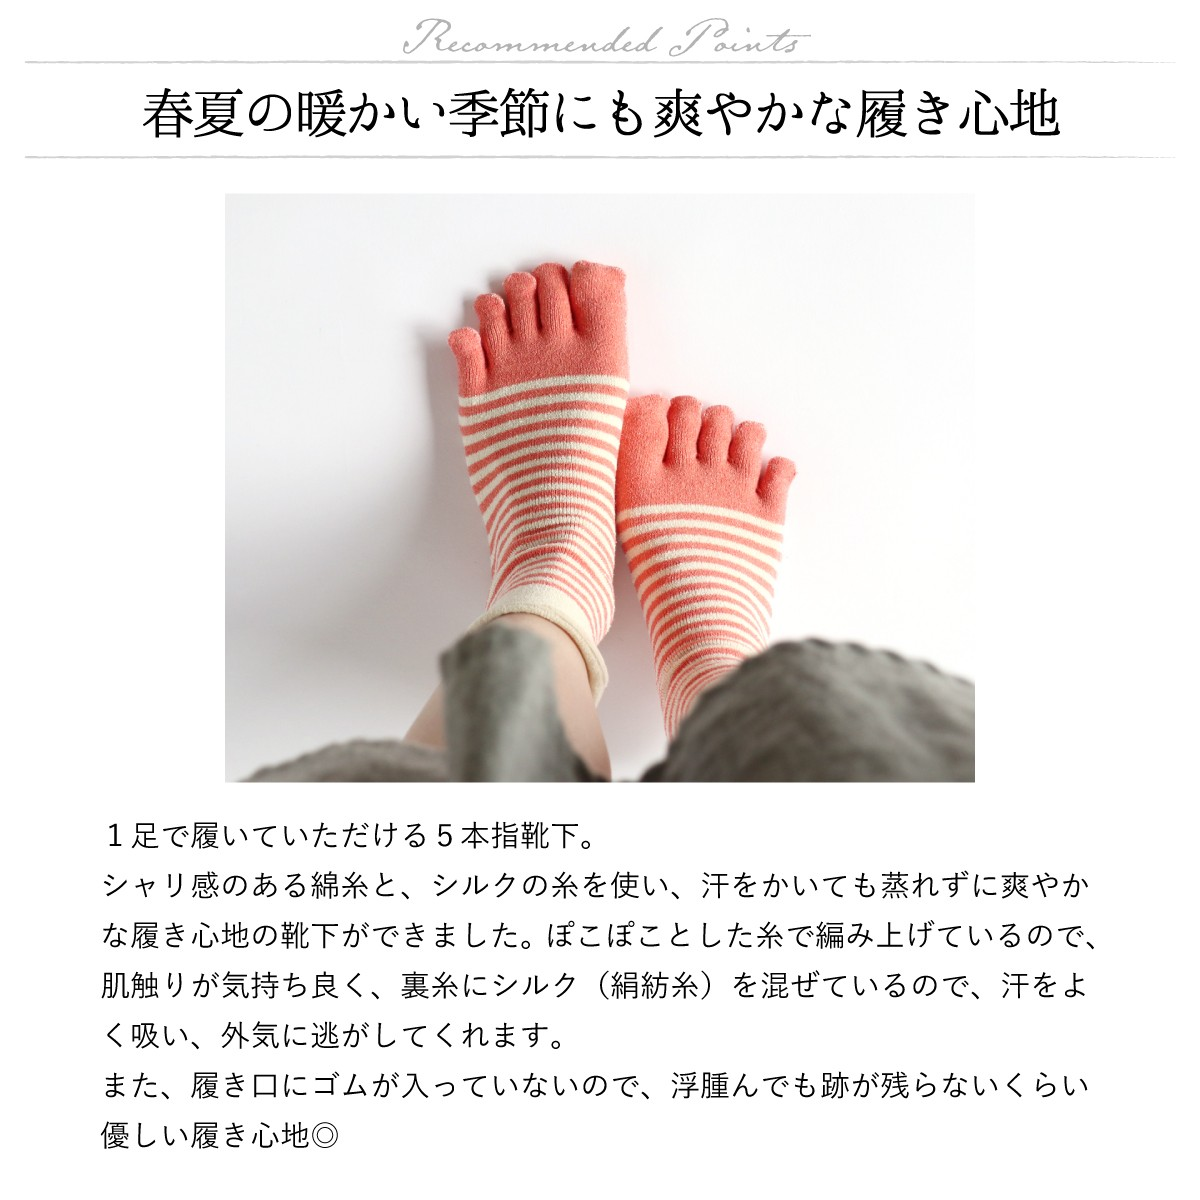 絹屋 靴下 絹 綿 コットン シルク 5本指靴下 さらさら